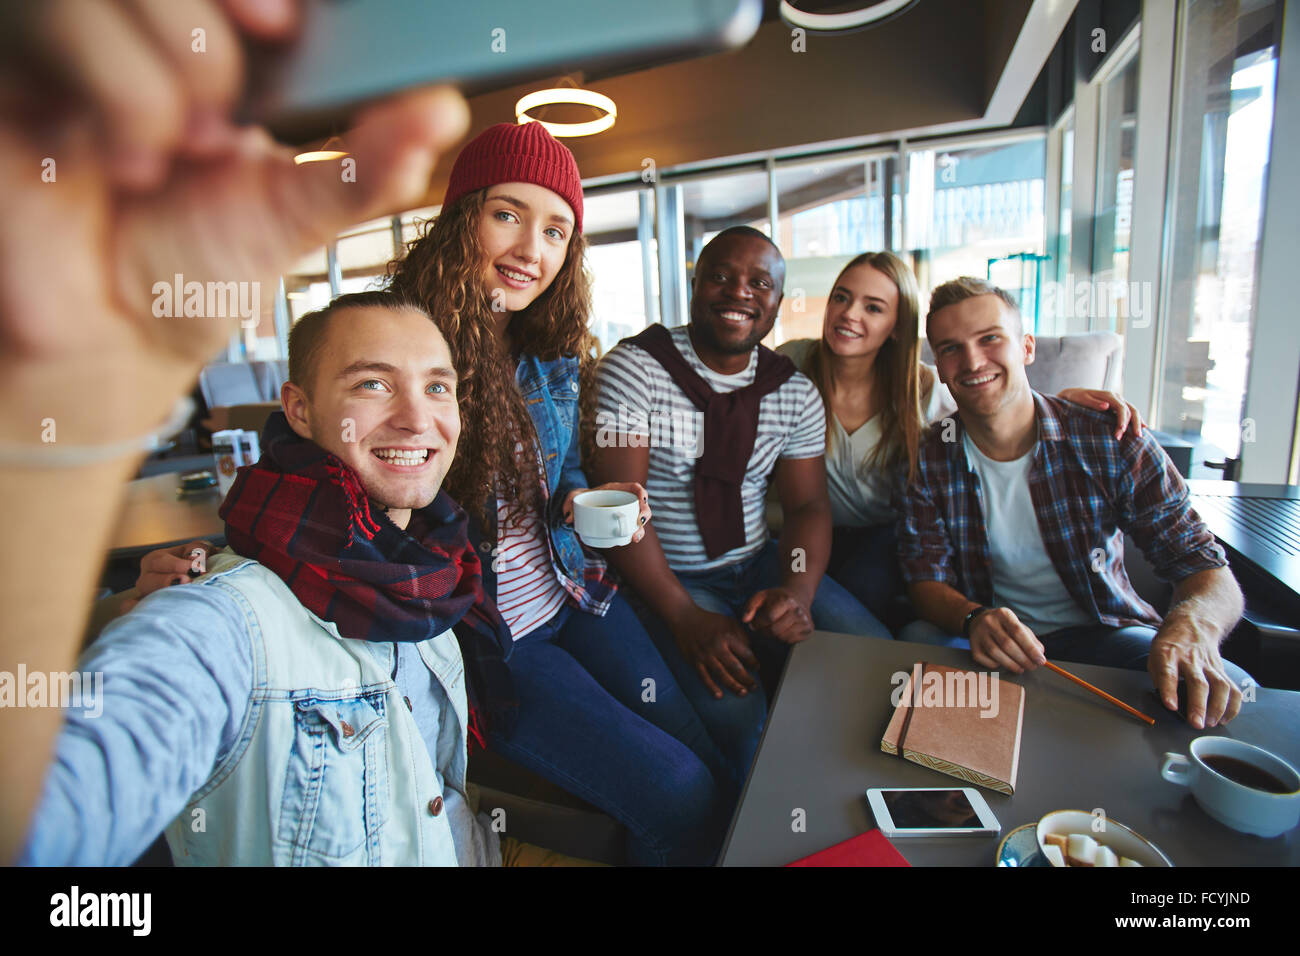 Hacer amigos adolescentes selfie mientras reunía en cafe Imagen De Stock